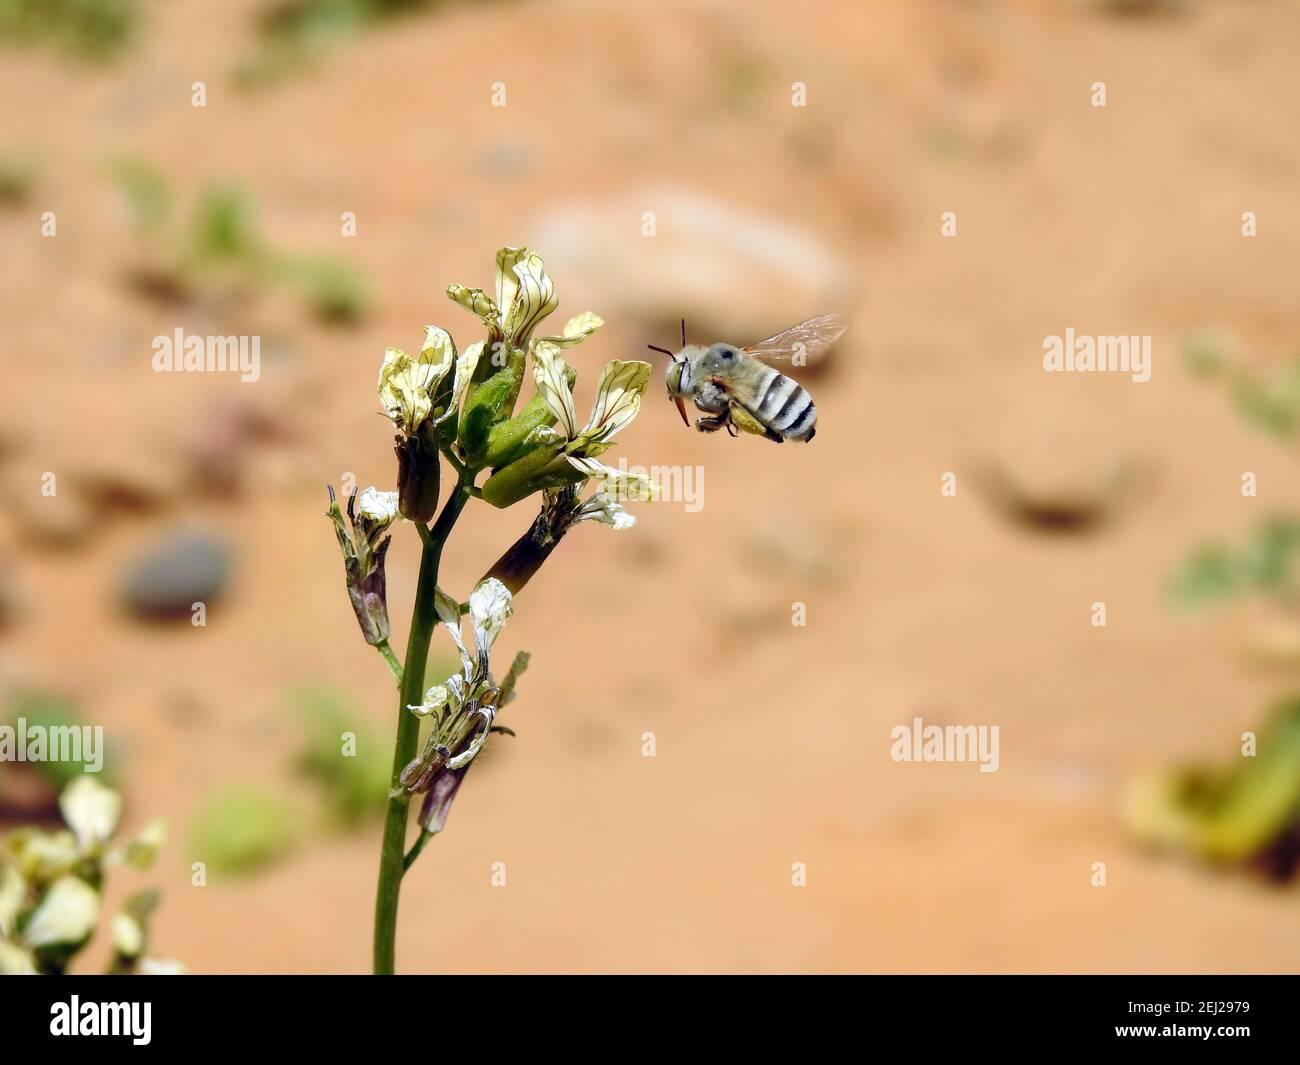 Une petite abeille volante autour d'une fleur d'arugula , consommant le nectar d'une fleur Banque D'Images